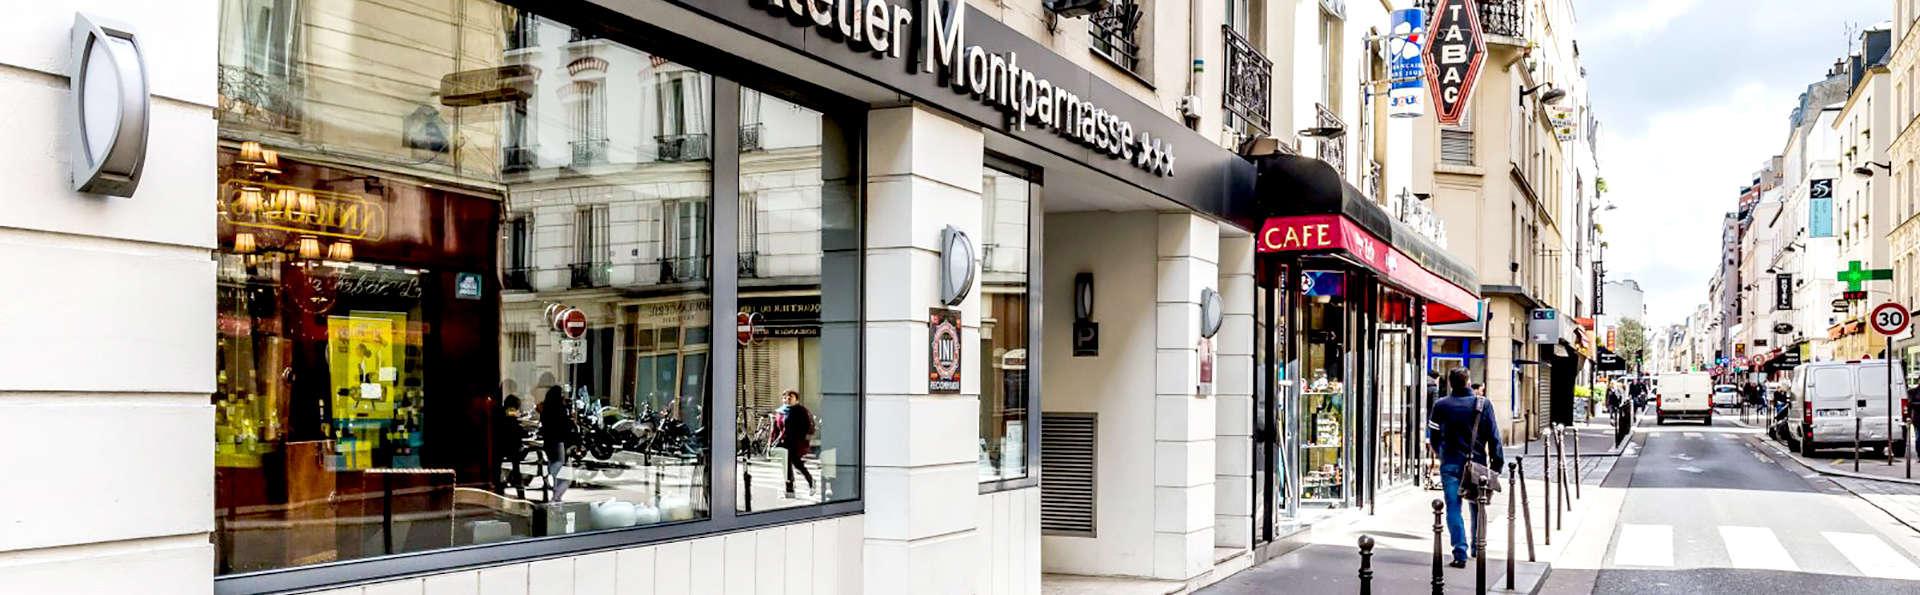 Hôtel Atelier Montparnasse - Edit_Front.jpg